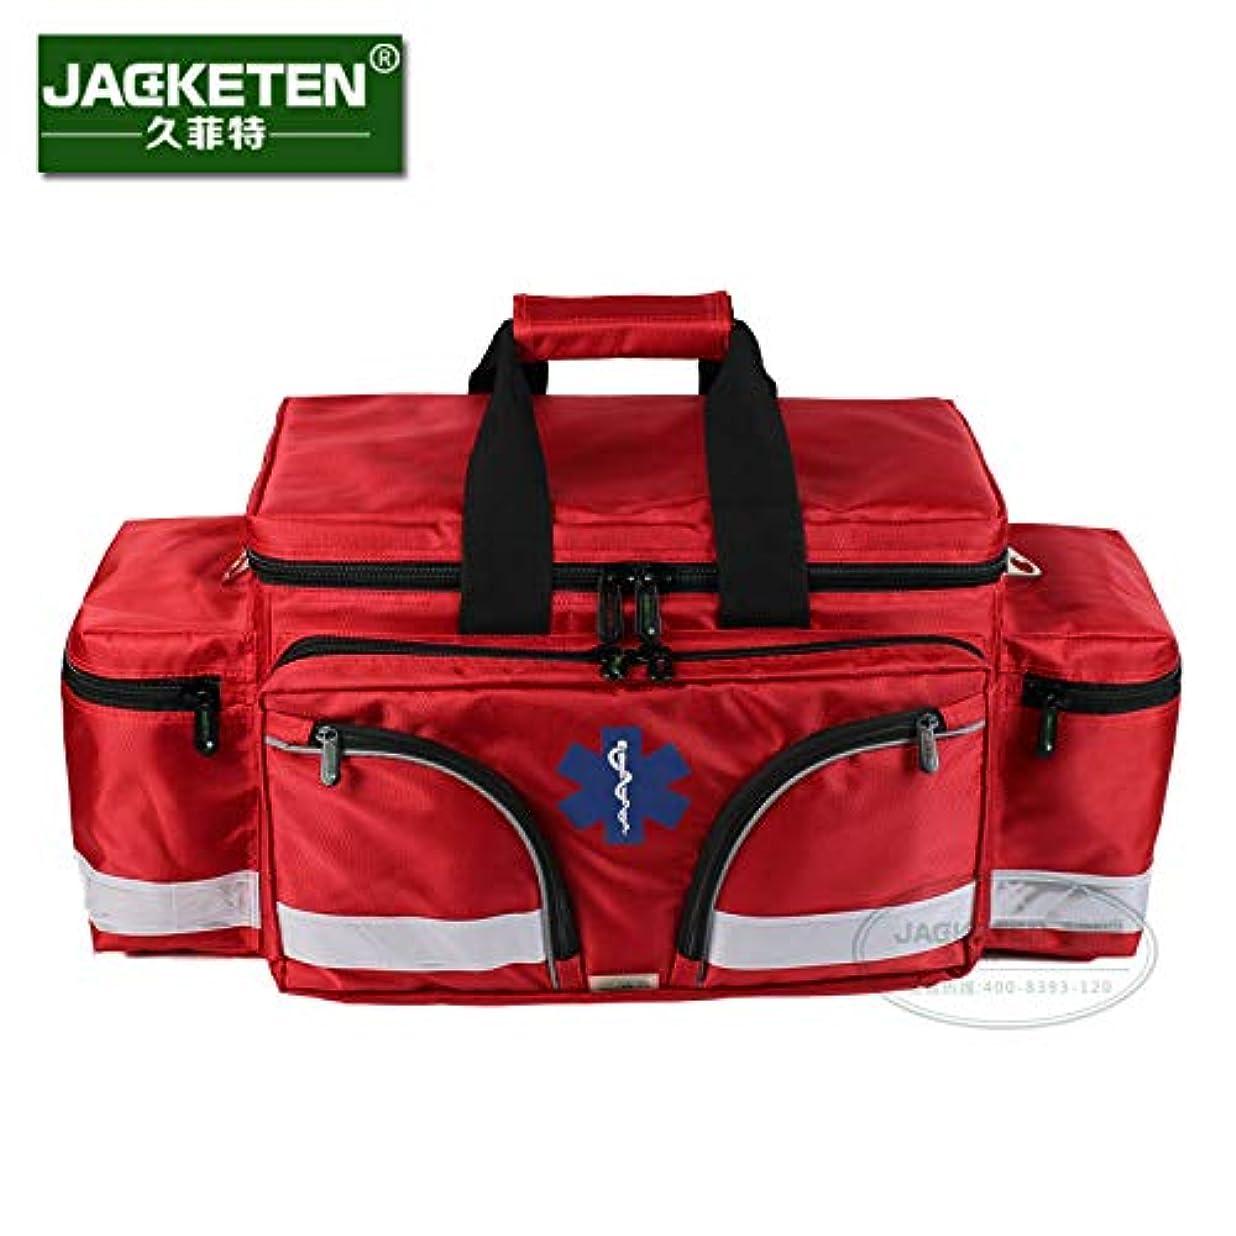 パラメータしたがってほかにJACKETEN救急箱救急医療キットキャンプサバイバル救急箱屋外救急箱大厚手防水EMS救急箱医療救急箱